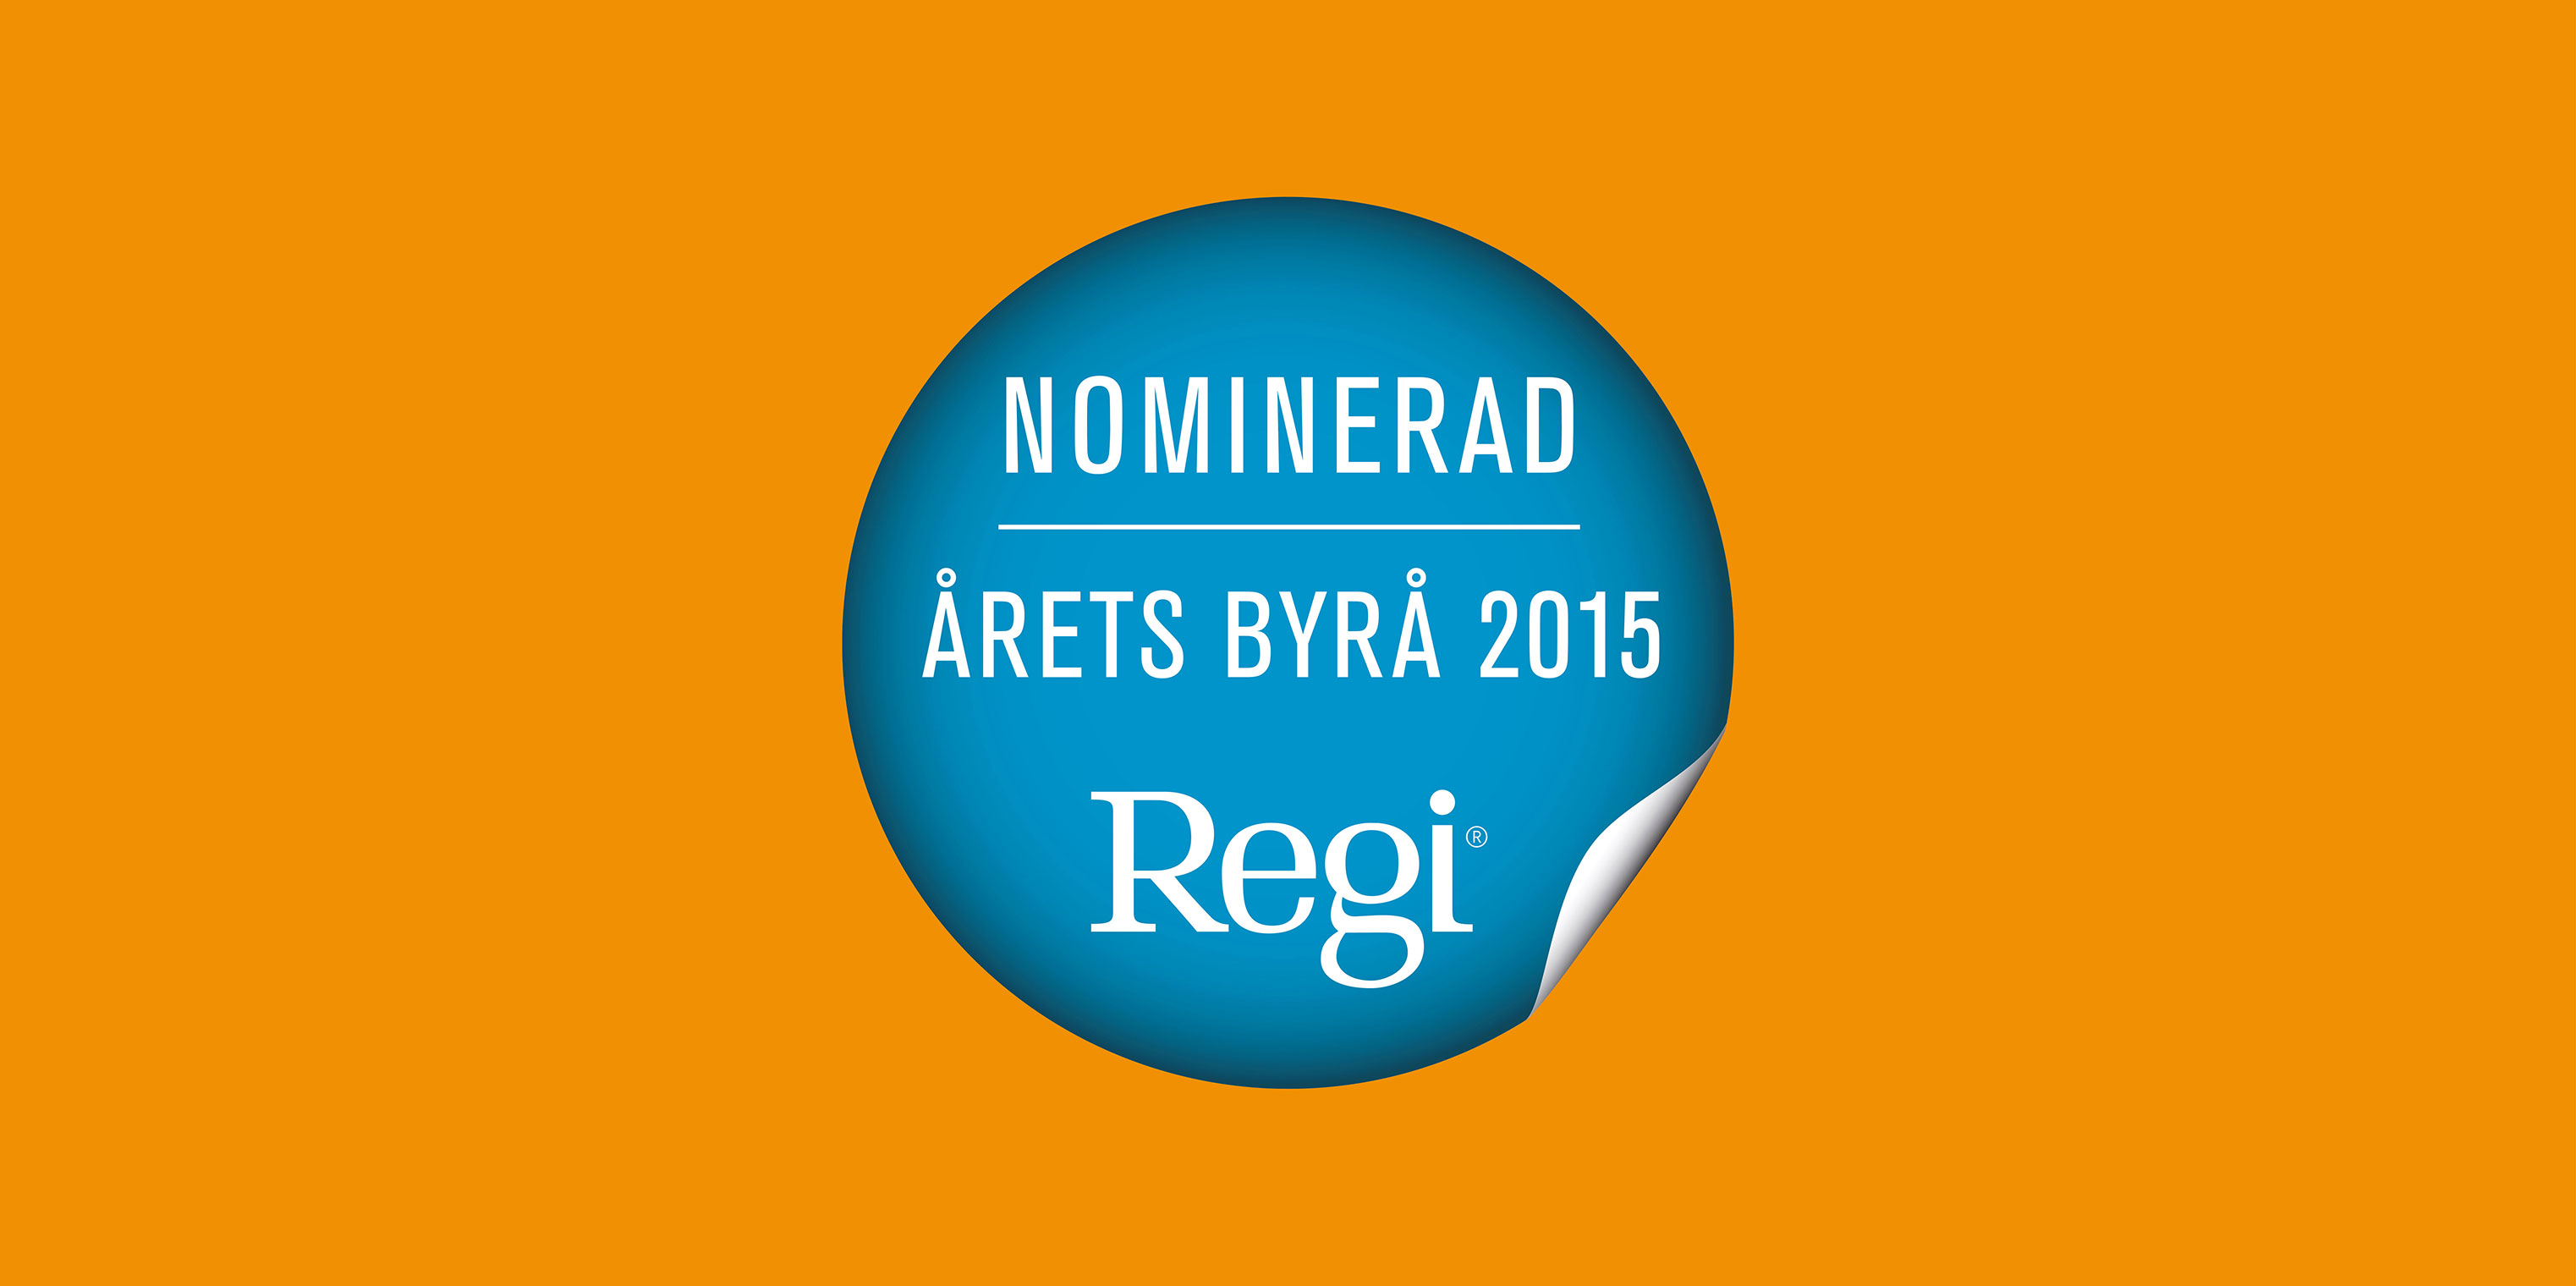 nominerad-2015